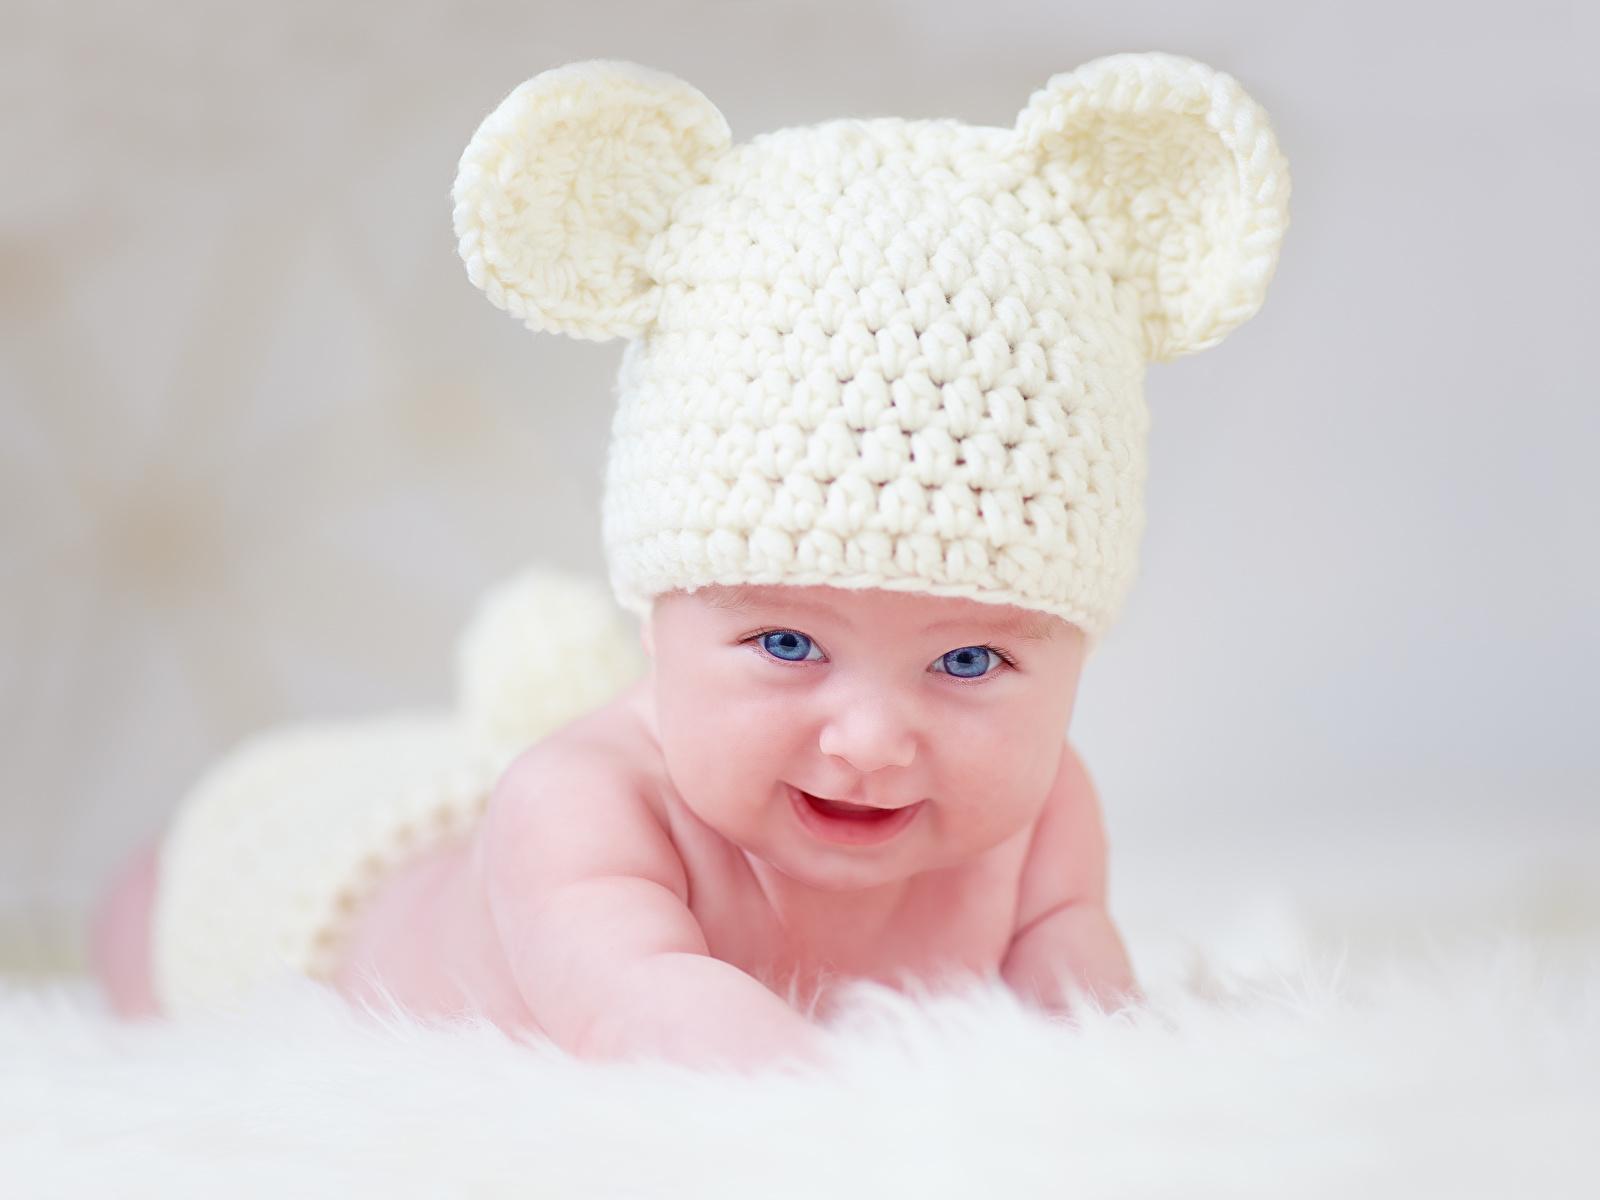 Фото ребенок в белой шапке или